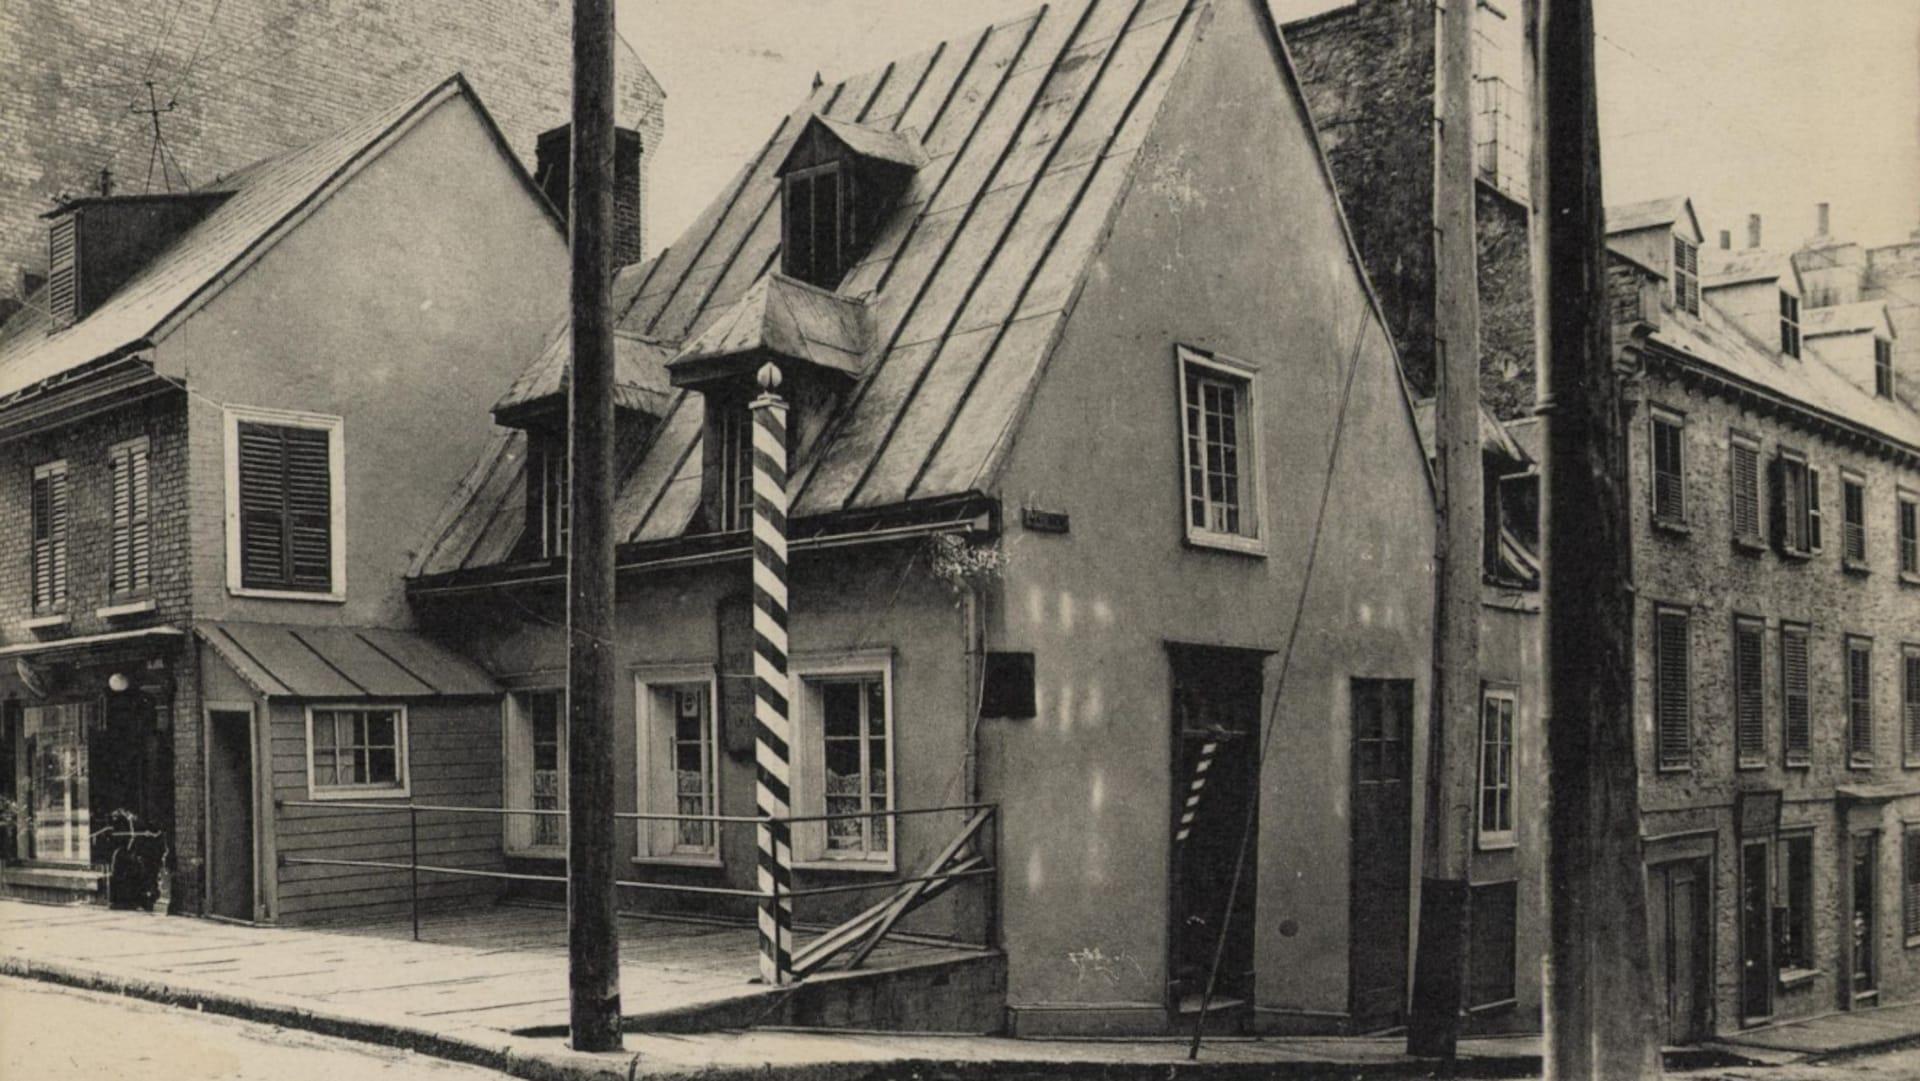 Le salon de barbier de Williams semble pimpant sur une image de 1908 utilisée comme carte postale, On voit des rideaux de dentelles aux fenêtres, et le mât de barbier semble repeint de frais, On voit aussi un à l'intérieur de l'entrée de côté, donnant sur la rue Desjardins.